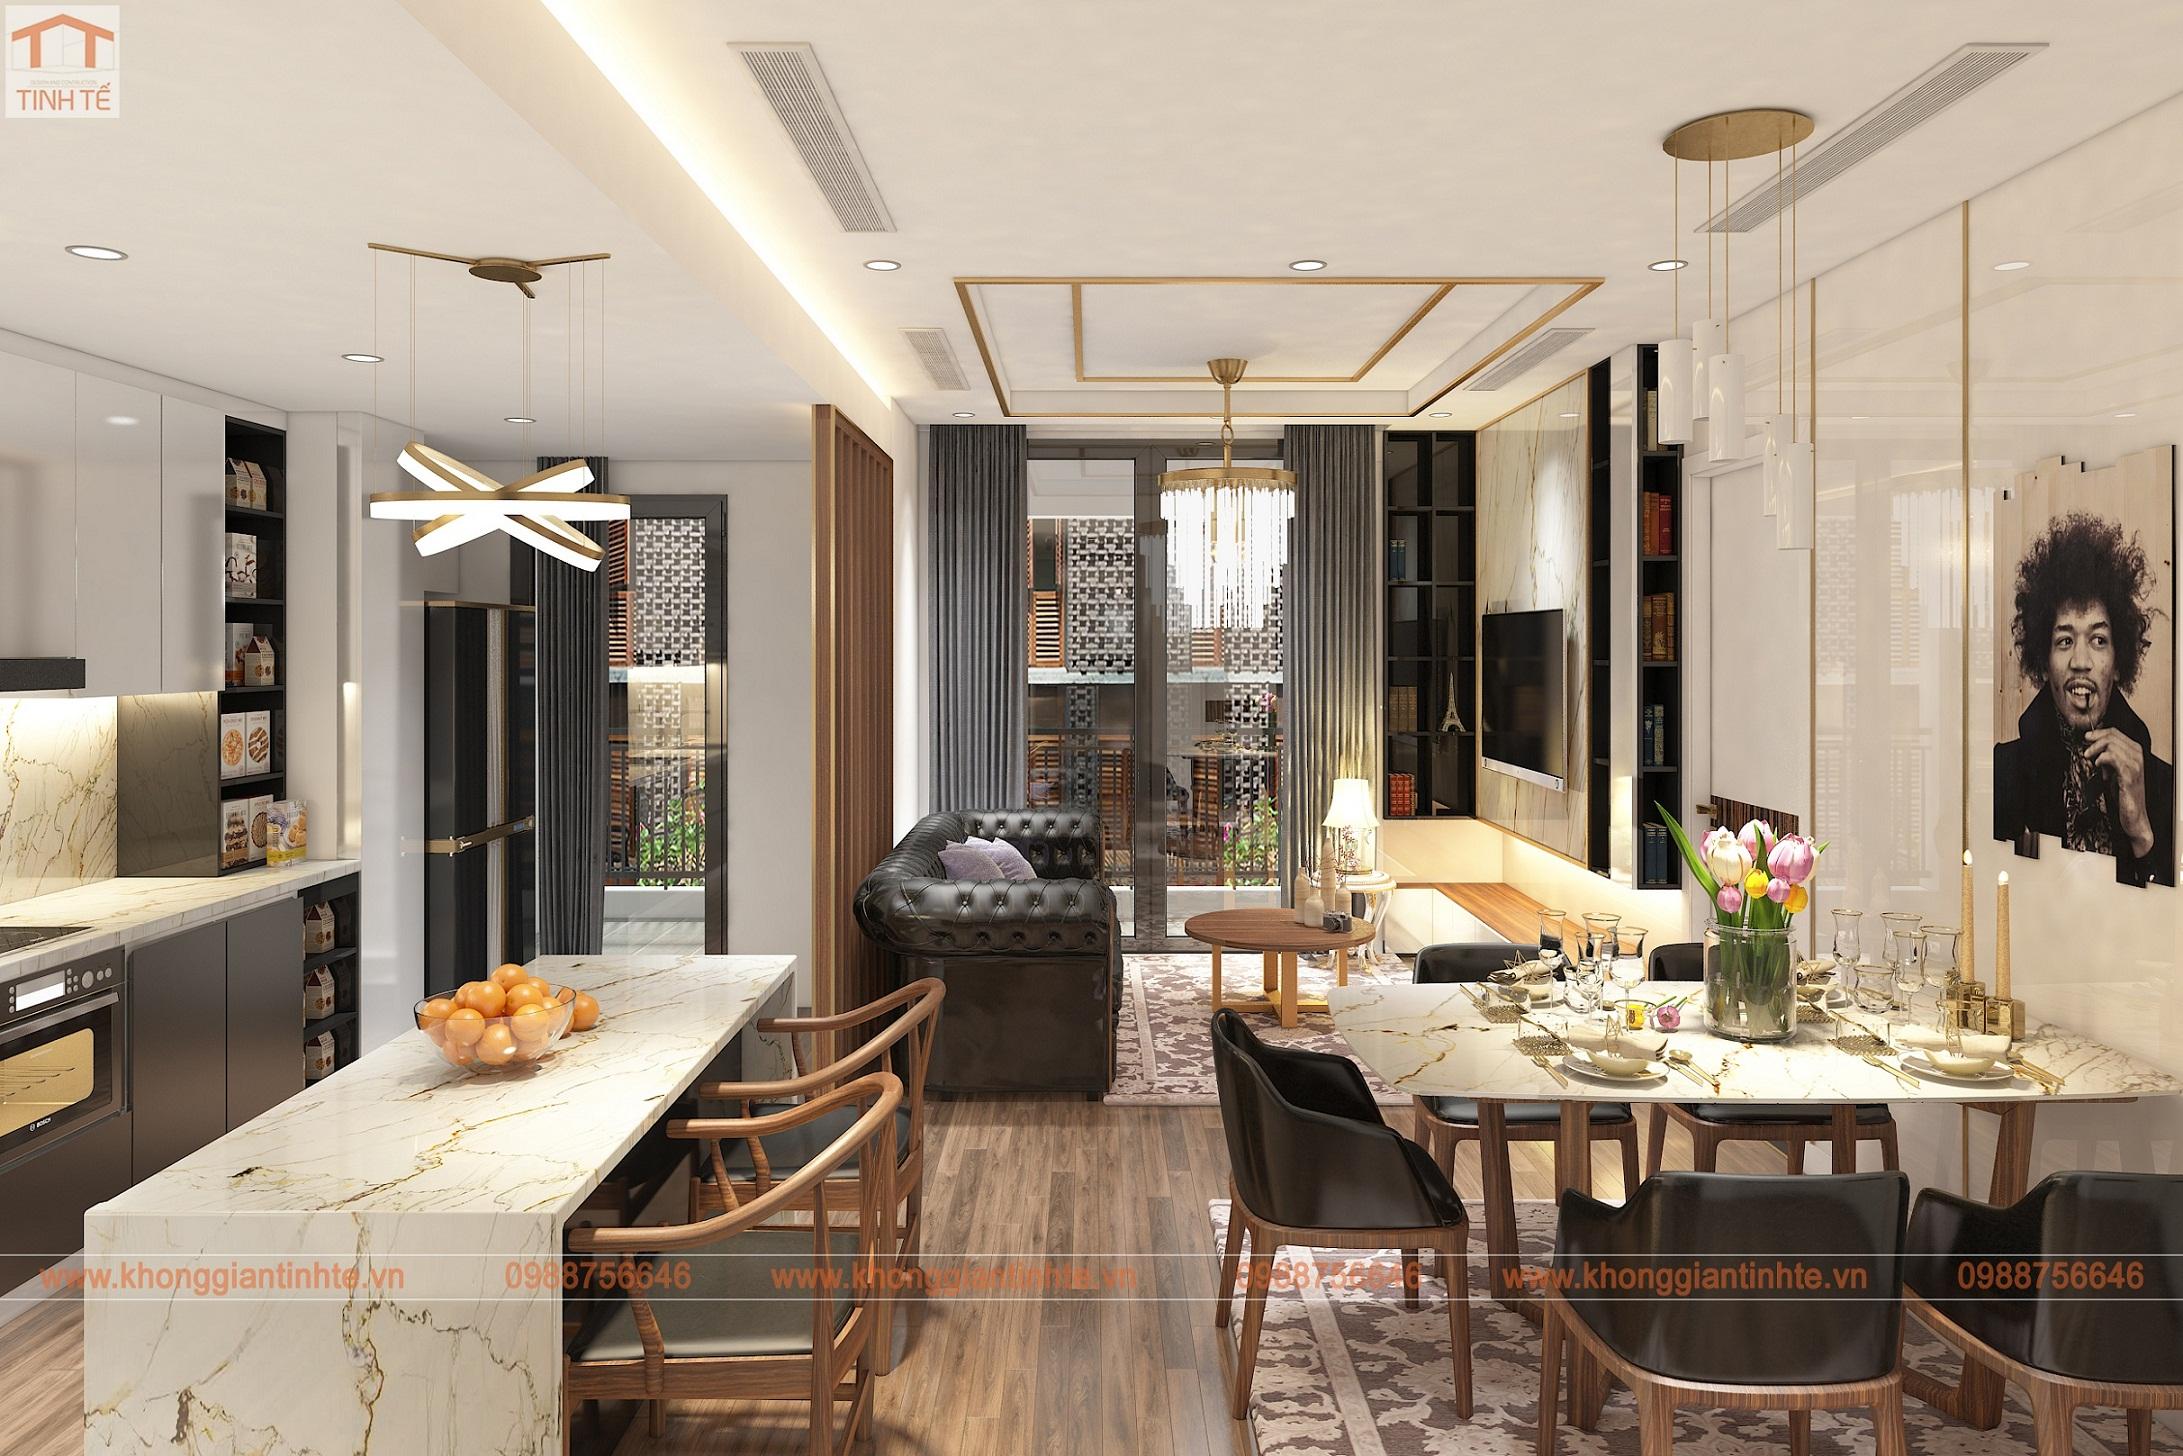 Nội thất căn hộ 115m2, ParkHill, Timescity Hà Nội